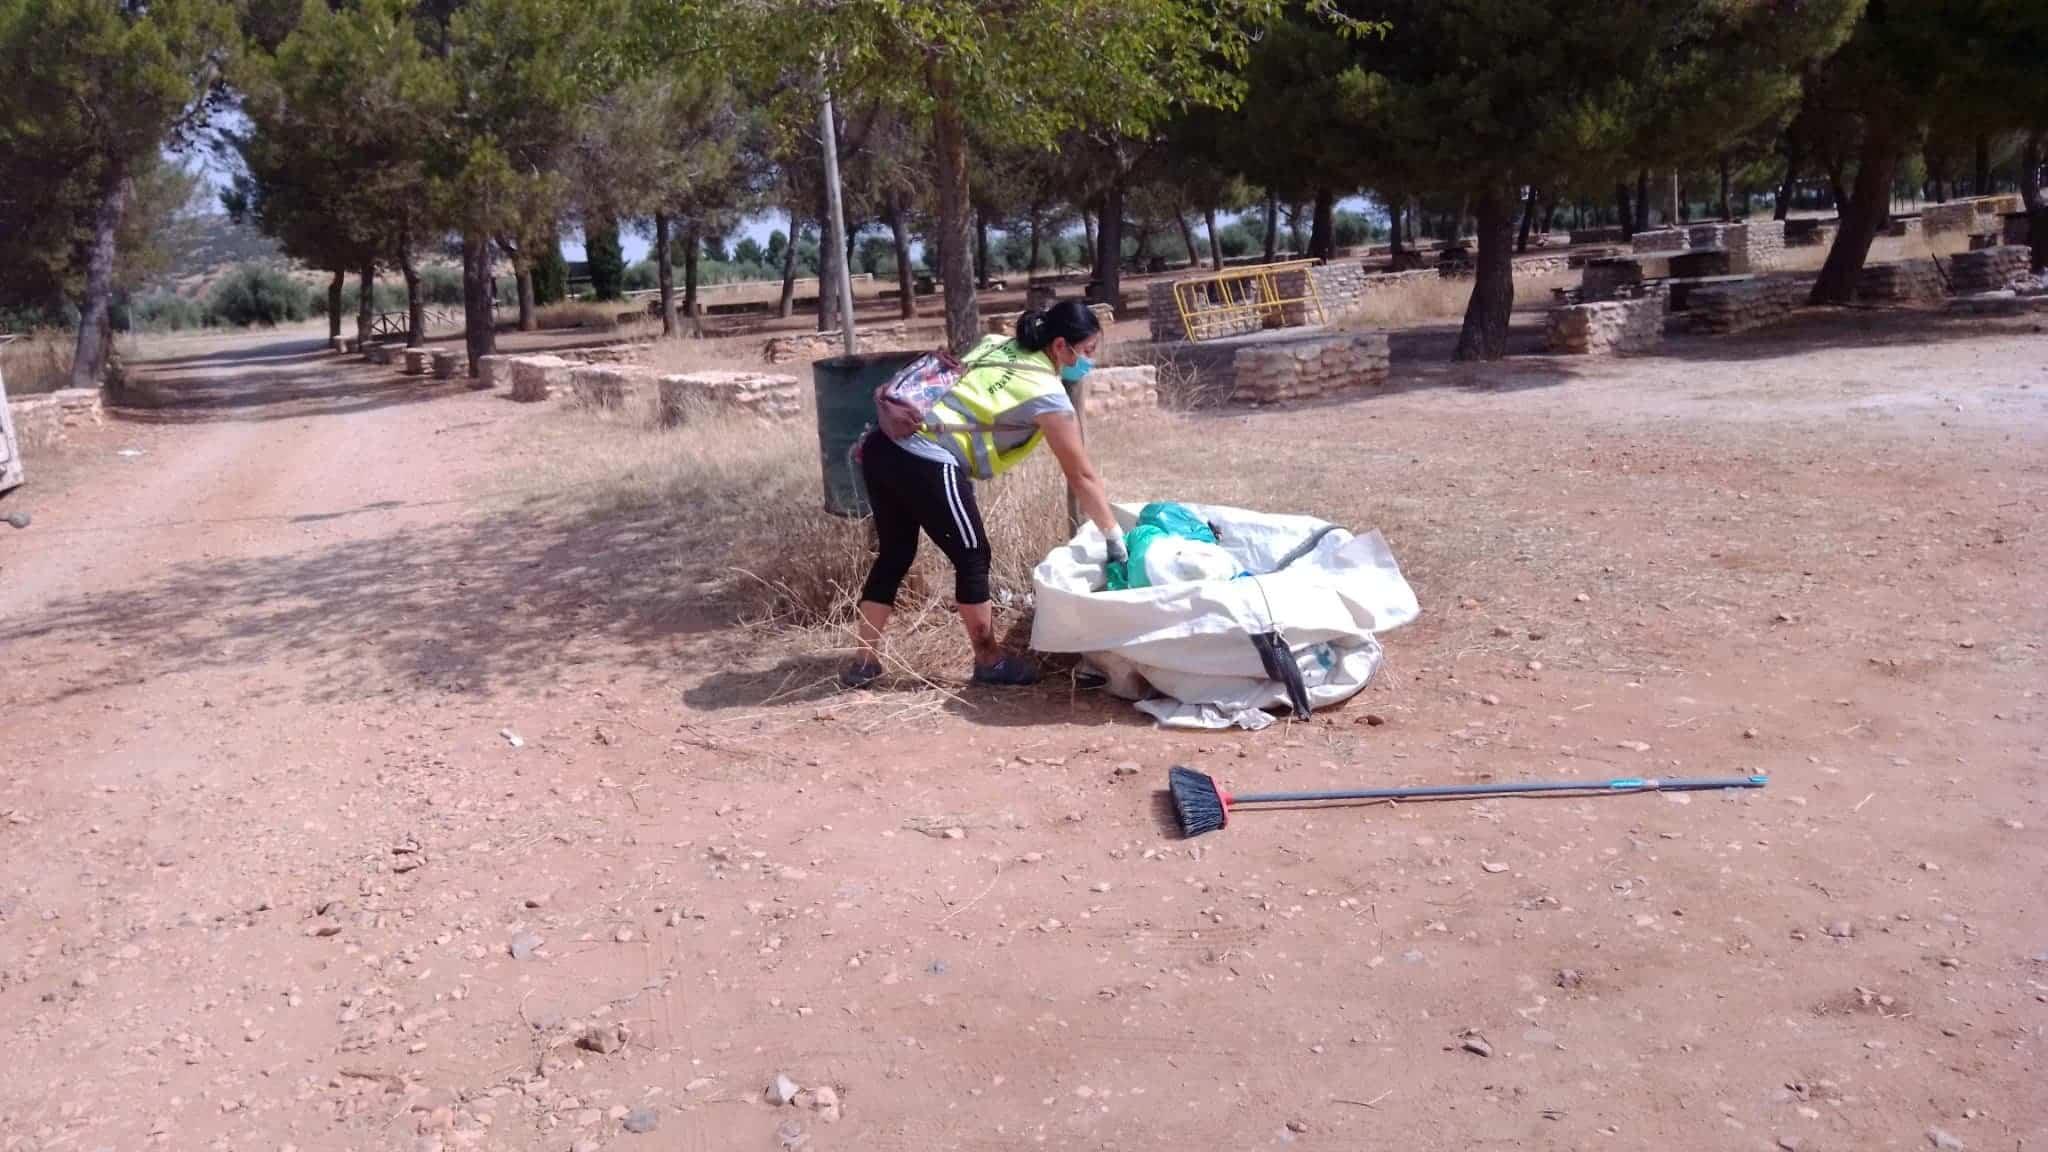 limpieza zona verdes la pedriza - Tareas de mantenimiento en zonas verdes como La Pedriza